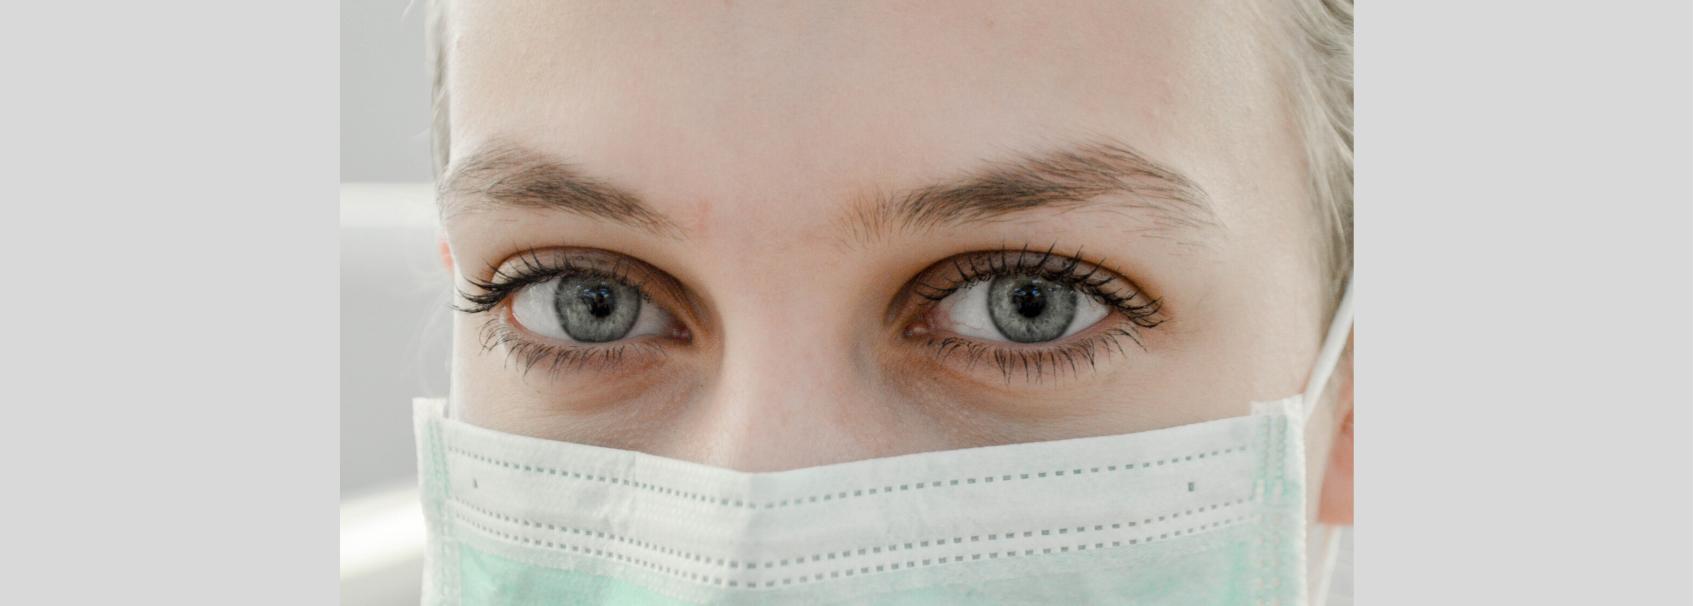 cualidades enfermera-1